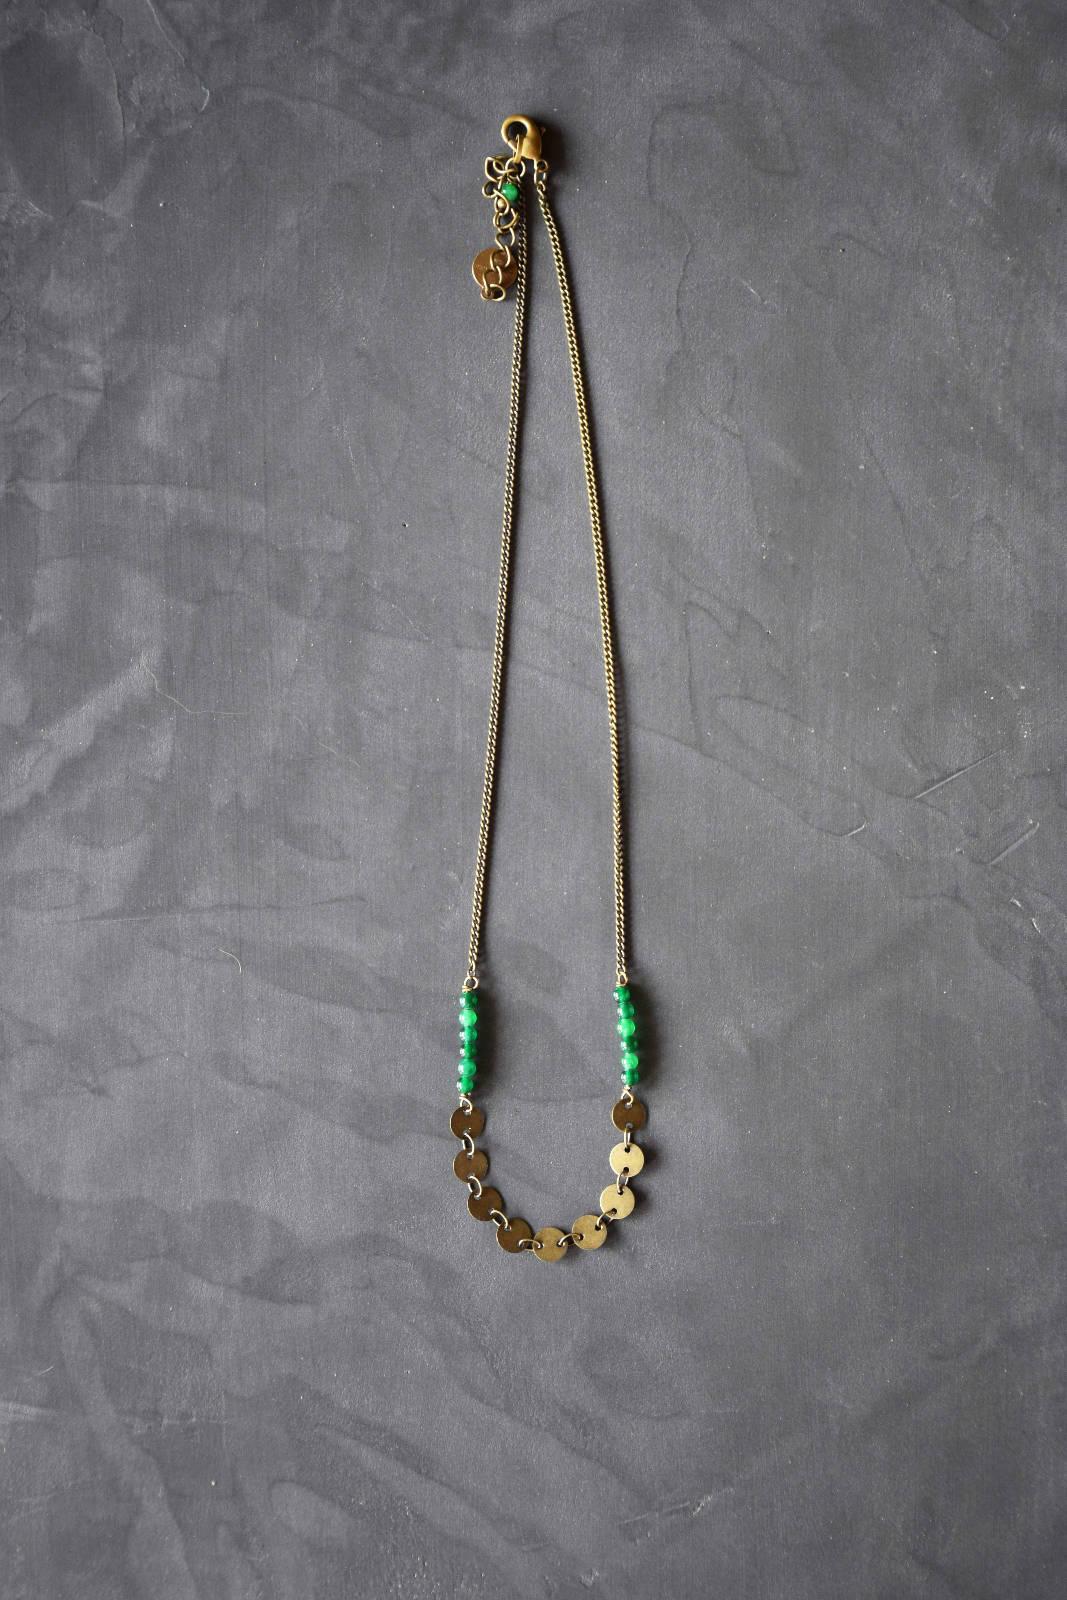 ras-de-cou-la-discrete-creation-de-bijoux-par-les-delires-de-lolotte